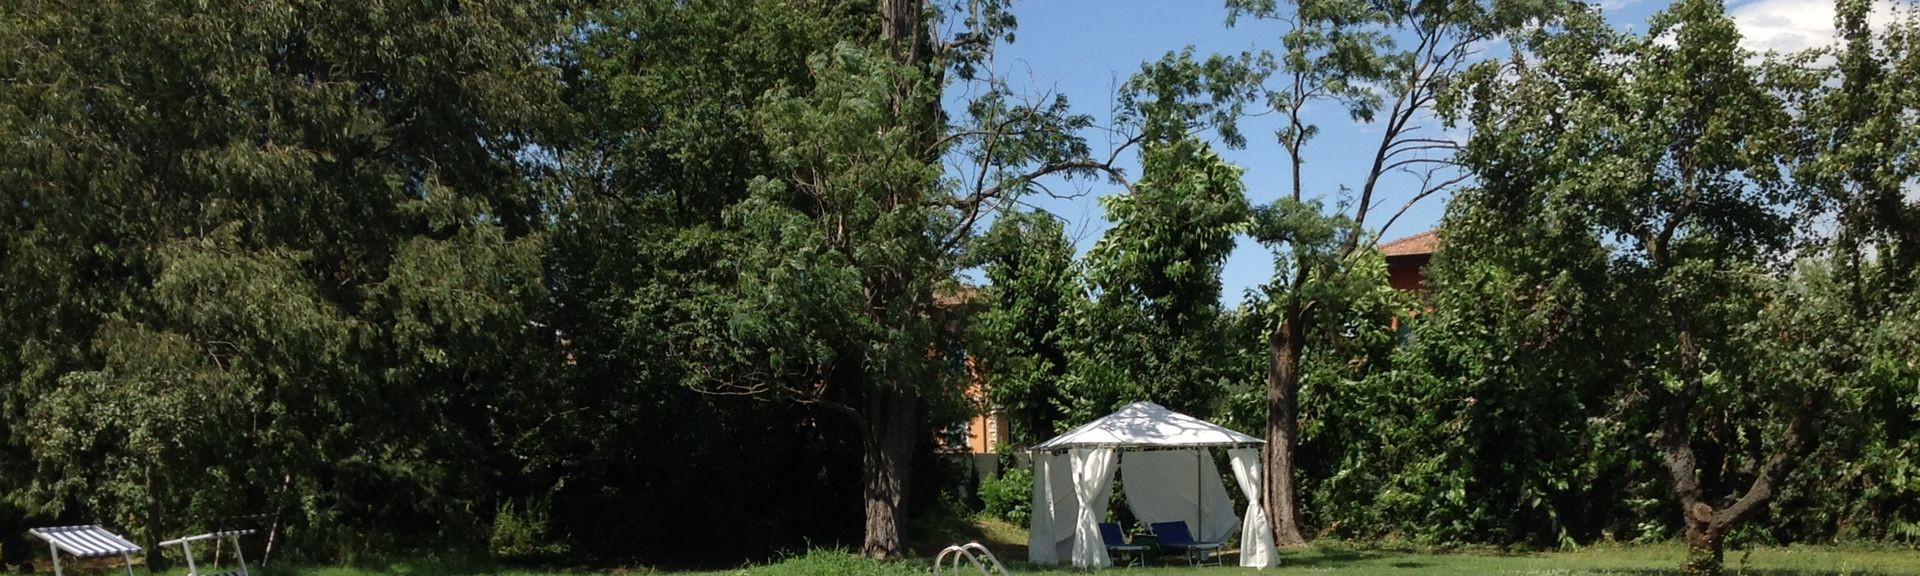 Scandiano, Emilia-Romagna, Italien